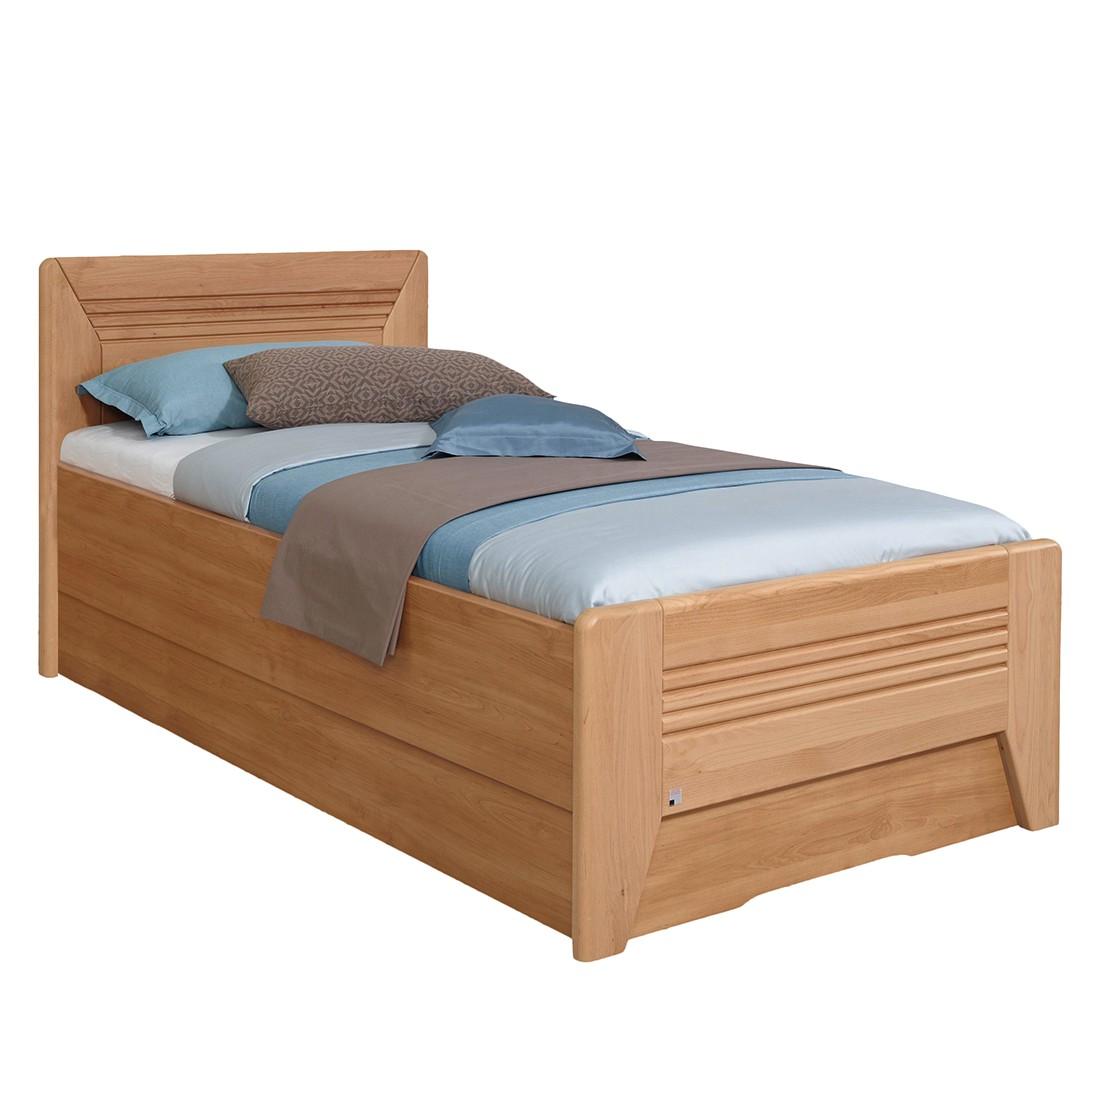 home24 Teilmassives Komfortbett Valerie III | Schlafzimmer > Betten > Komfortbetten | Braun | Holz teilmassiv | Rauch Steffen